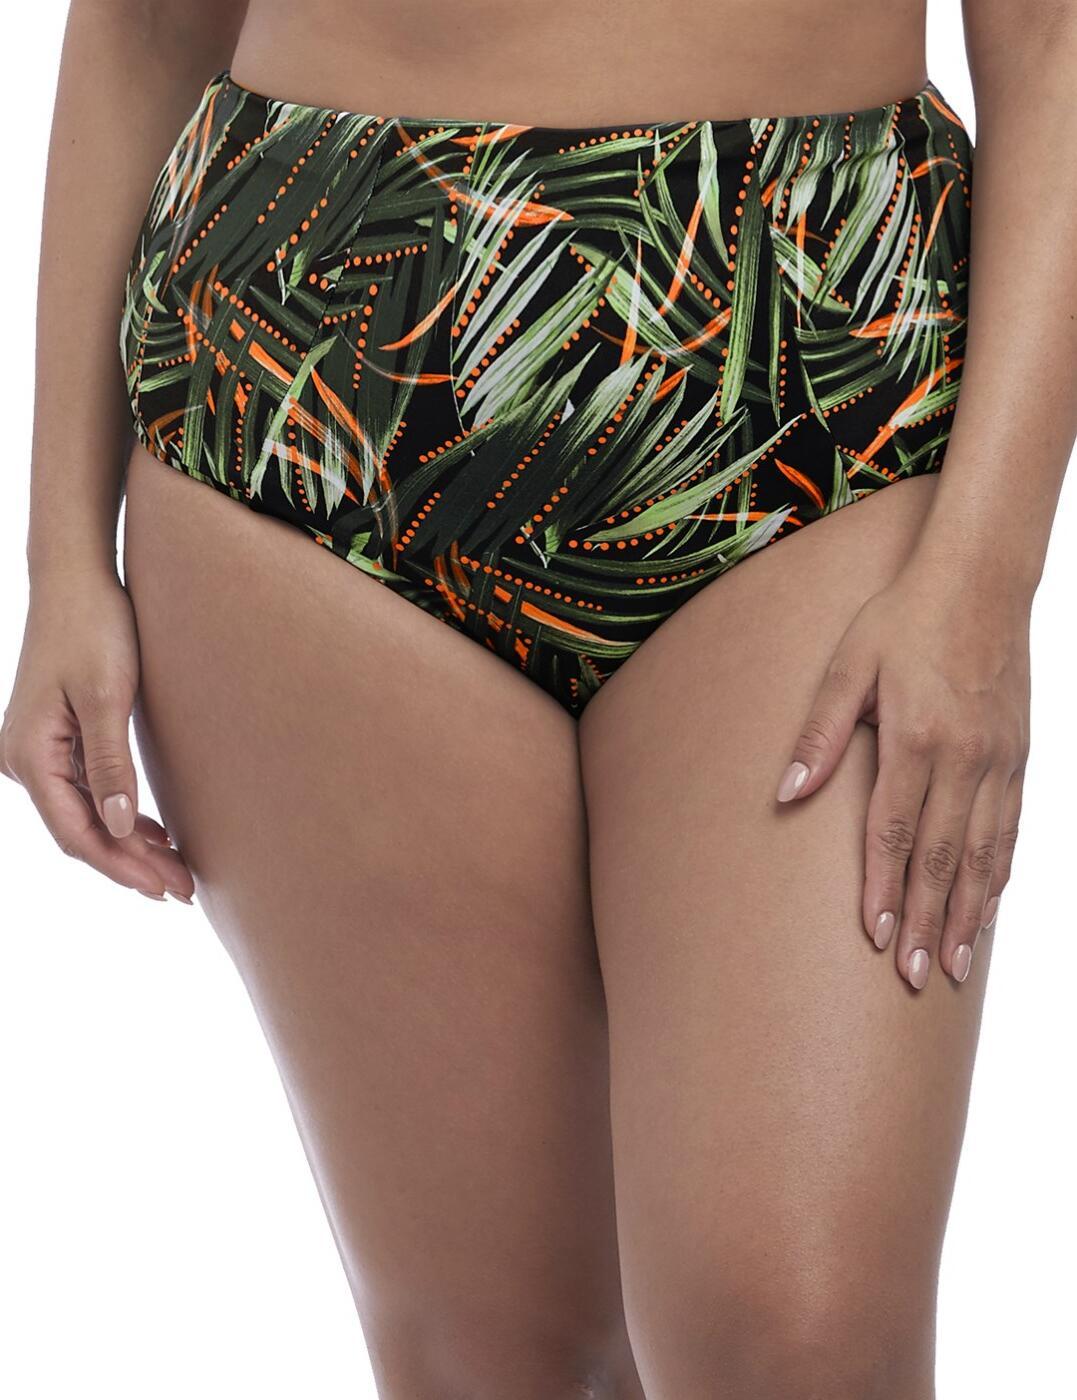 7165 Elomi Amazonia Classic Bikini Brief - 7165 Khaki